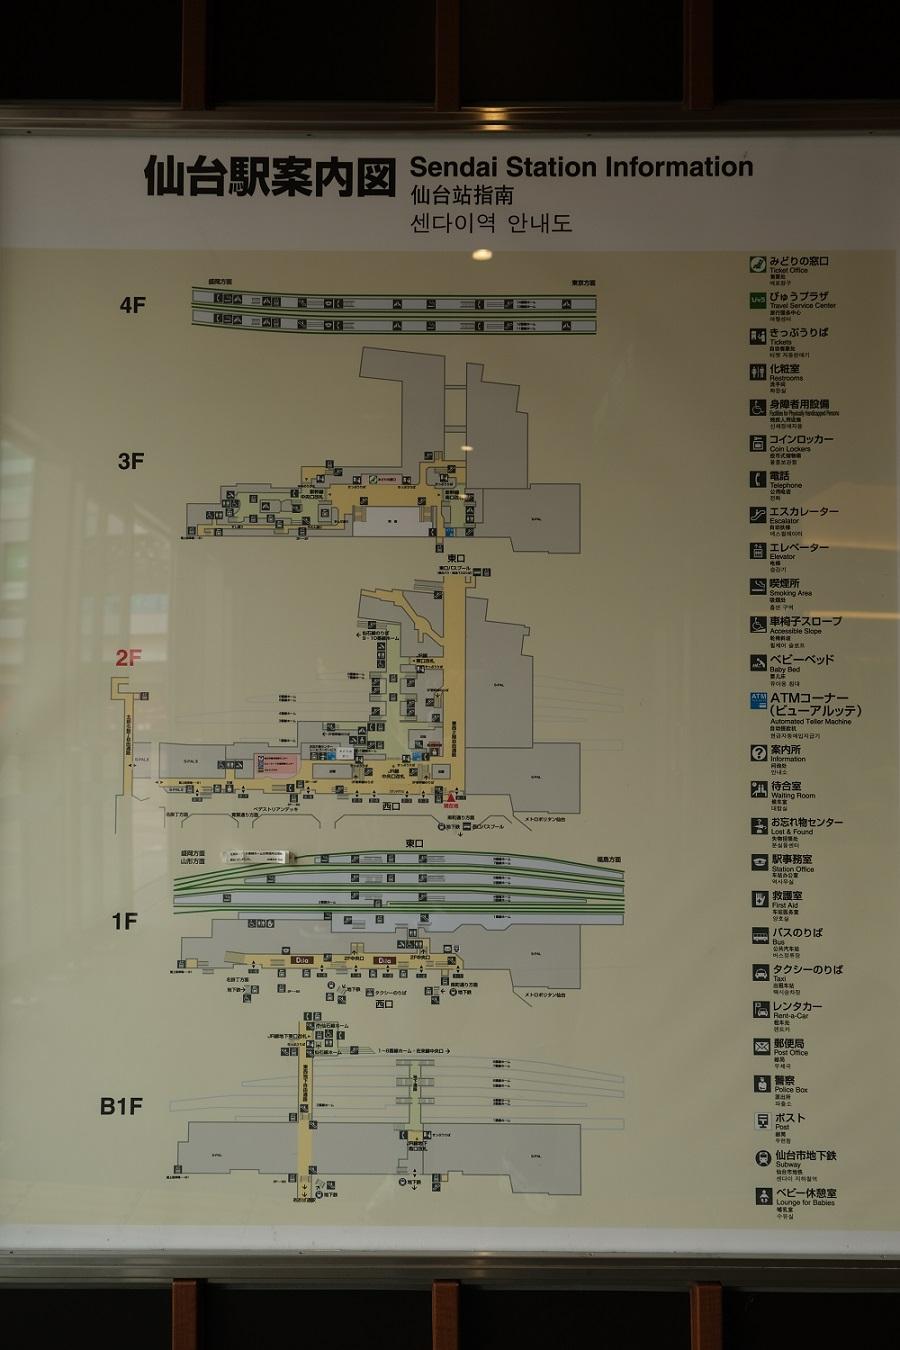 仙台駅構内図全体の写真